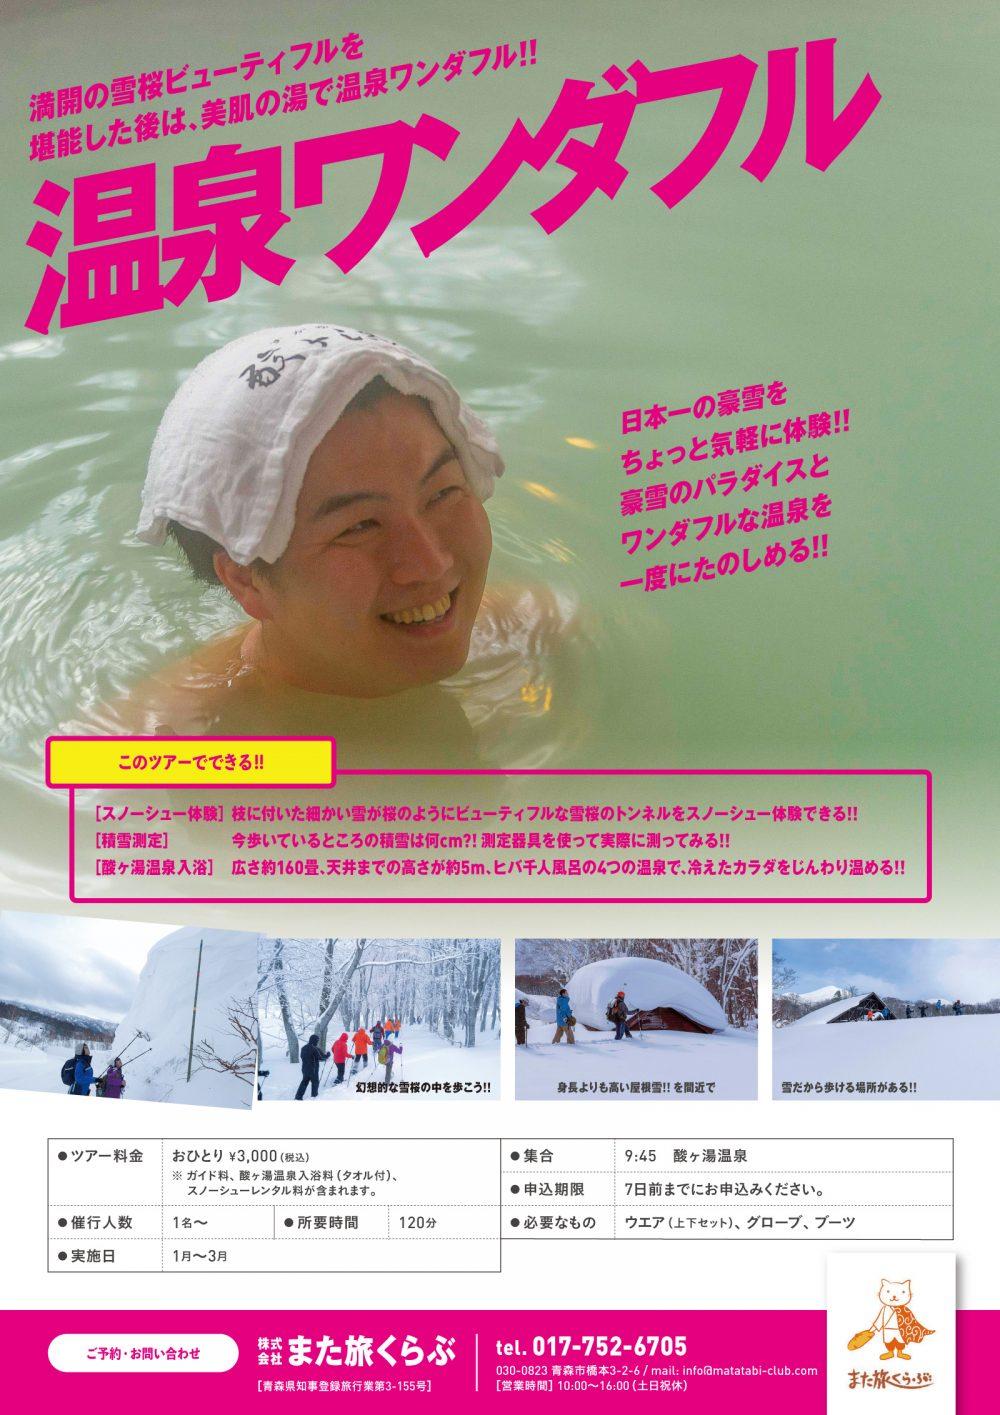 日本一の豪雪パラダイス566ツアー[フライヤー]